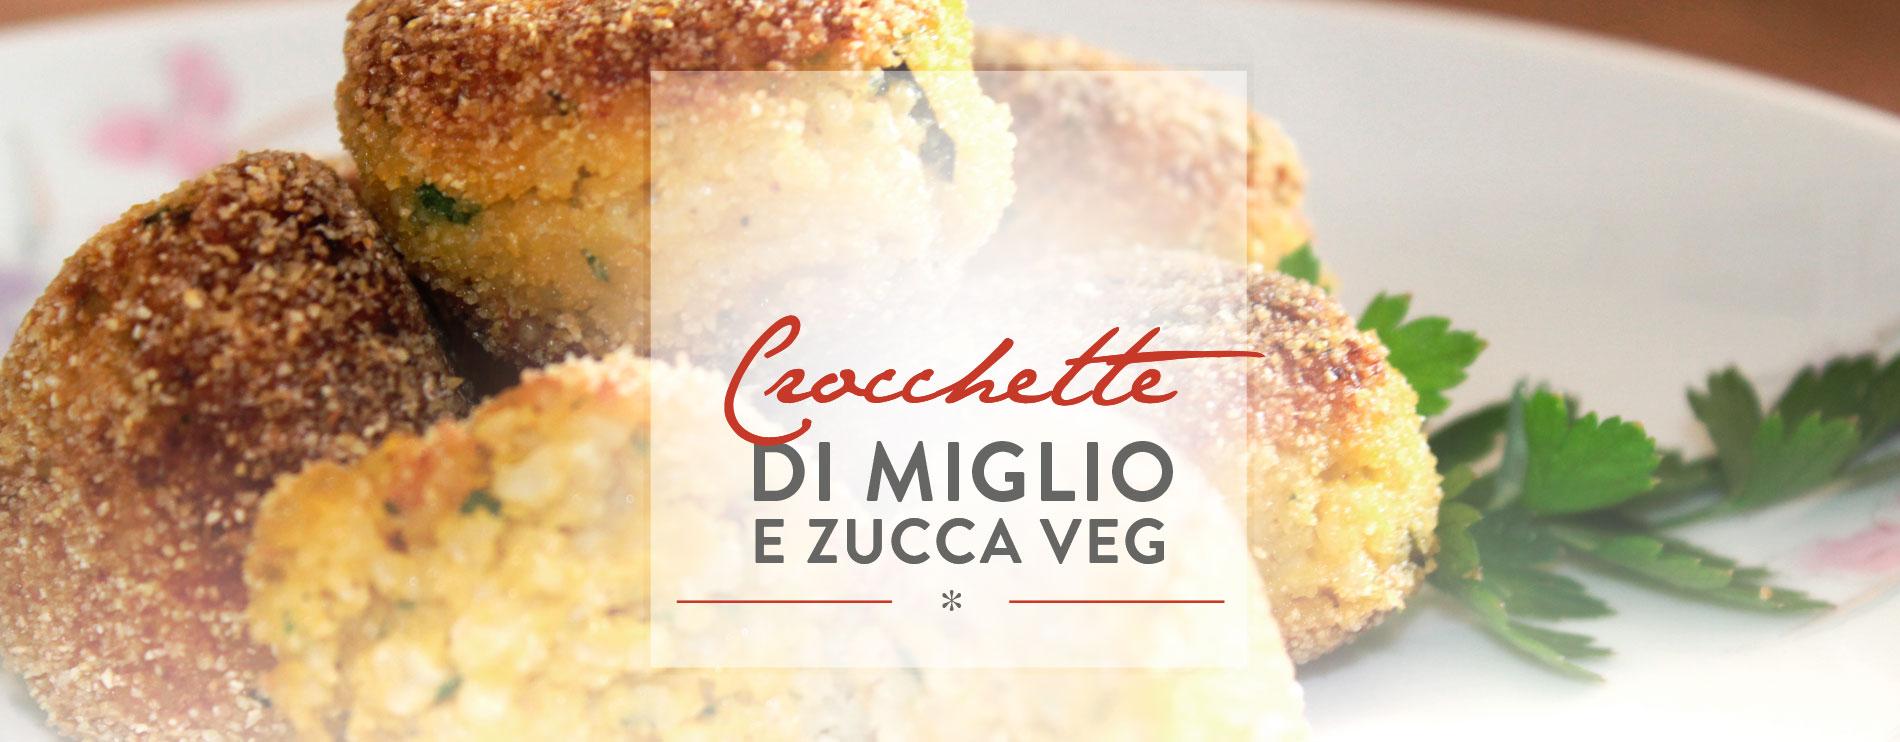 crocchette miglio e zucca topic image